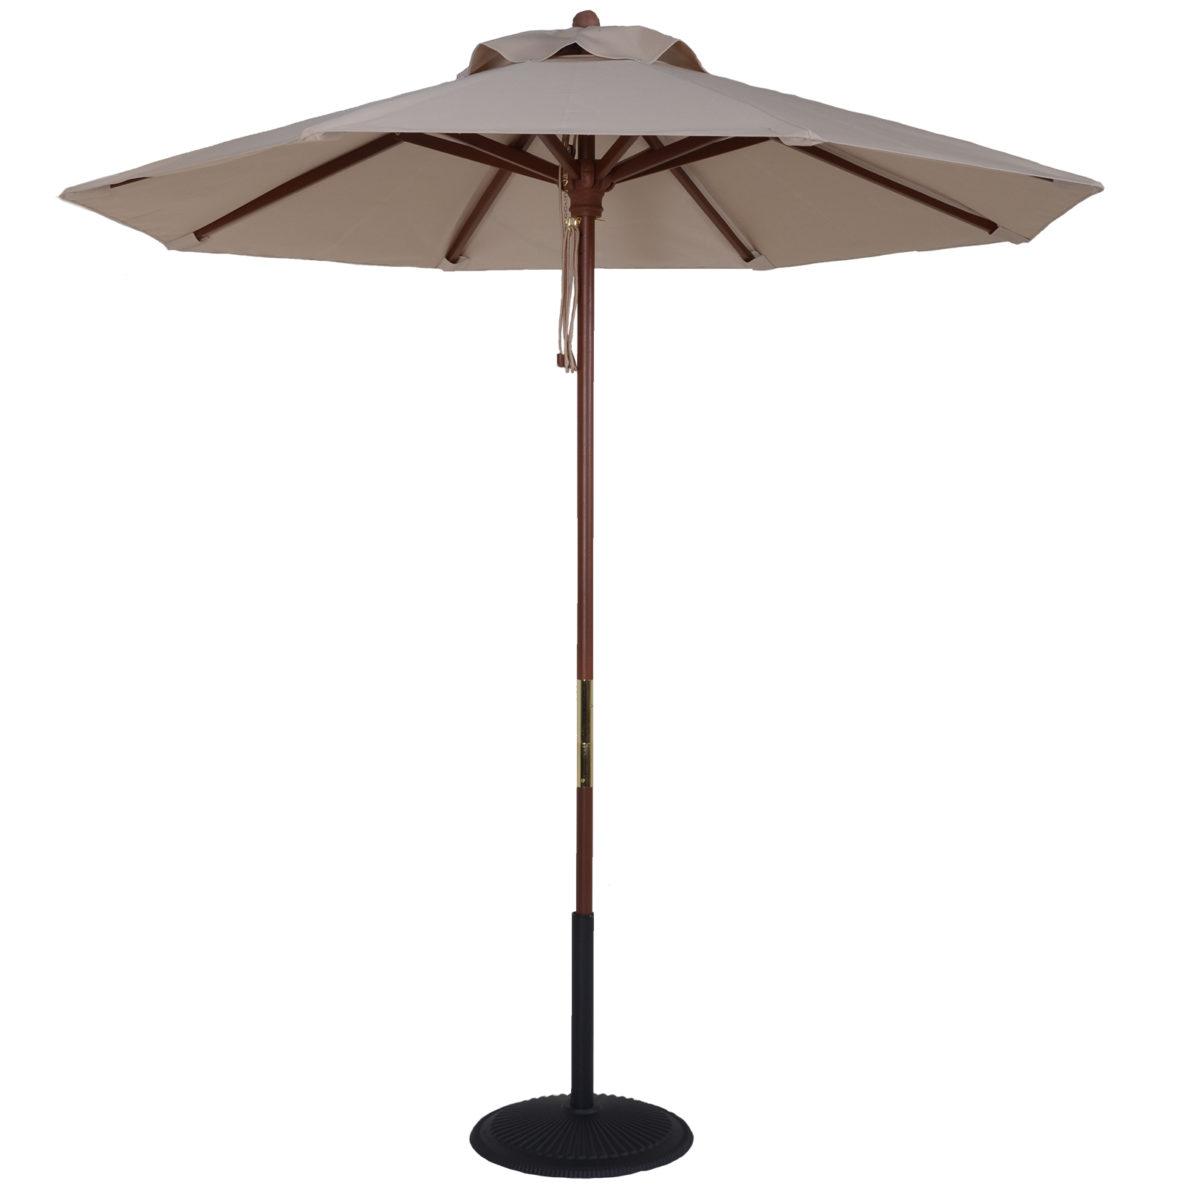 cfcd3ed5ae 9 ft. Wood Market Umbrella